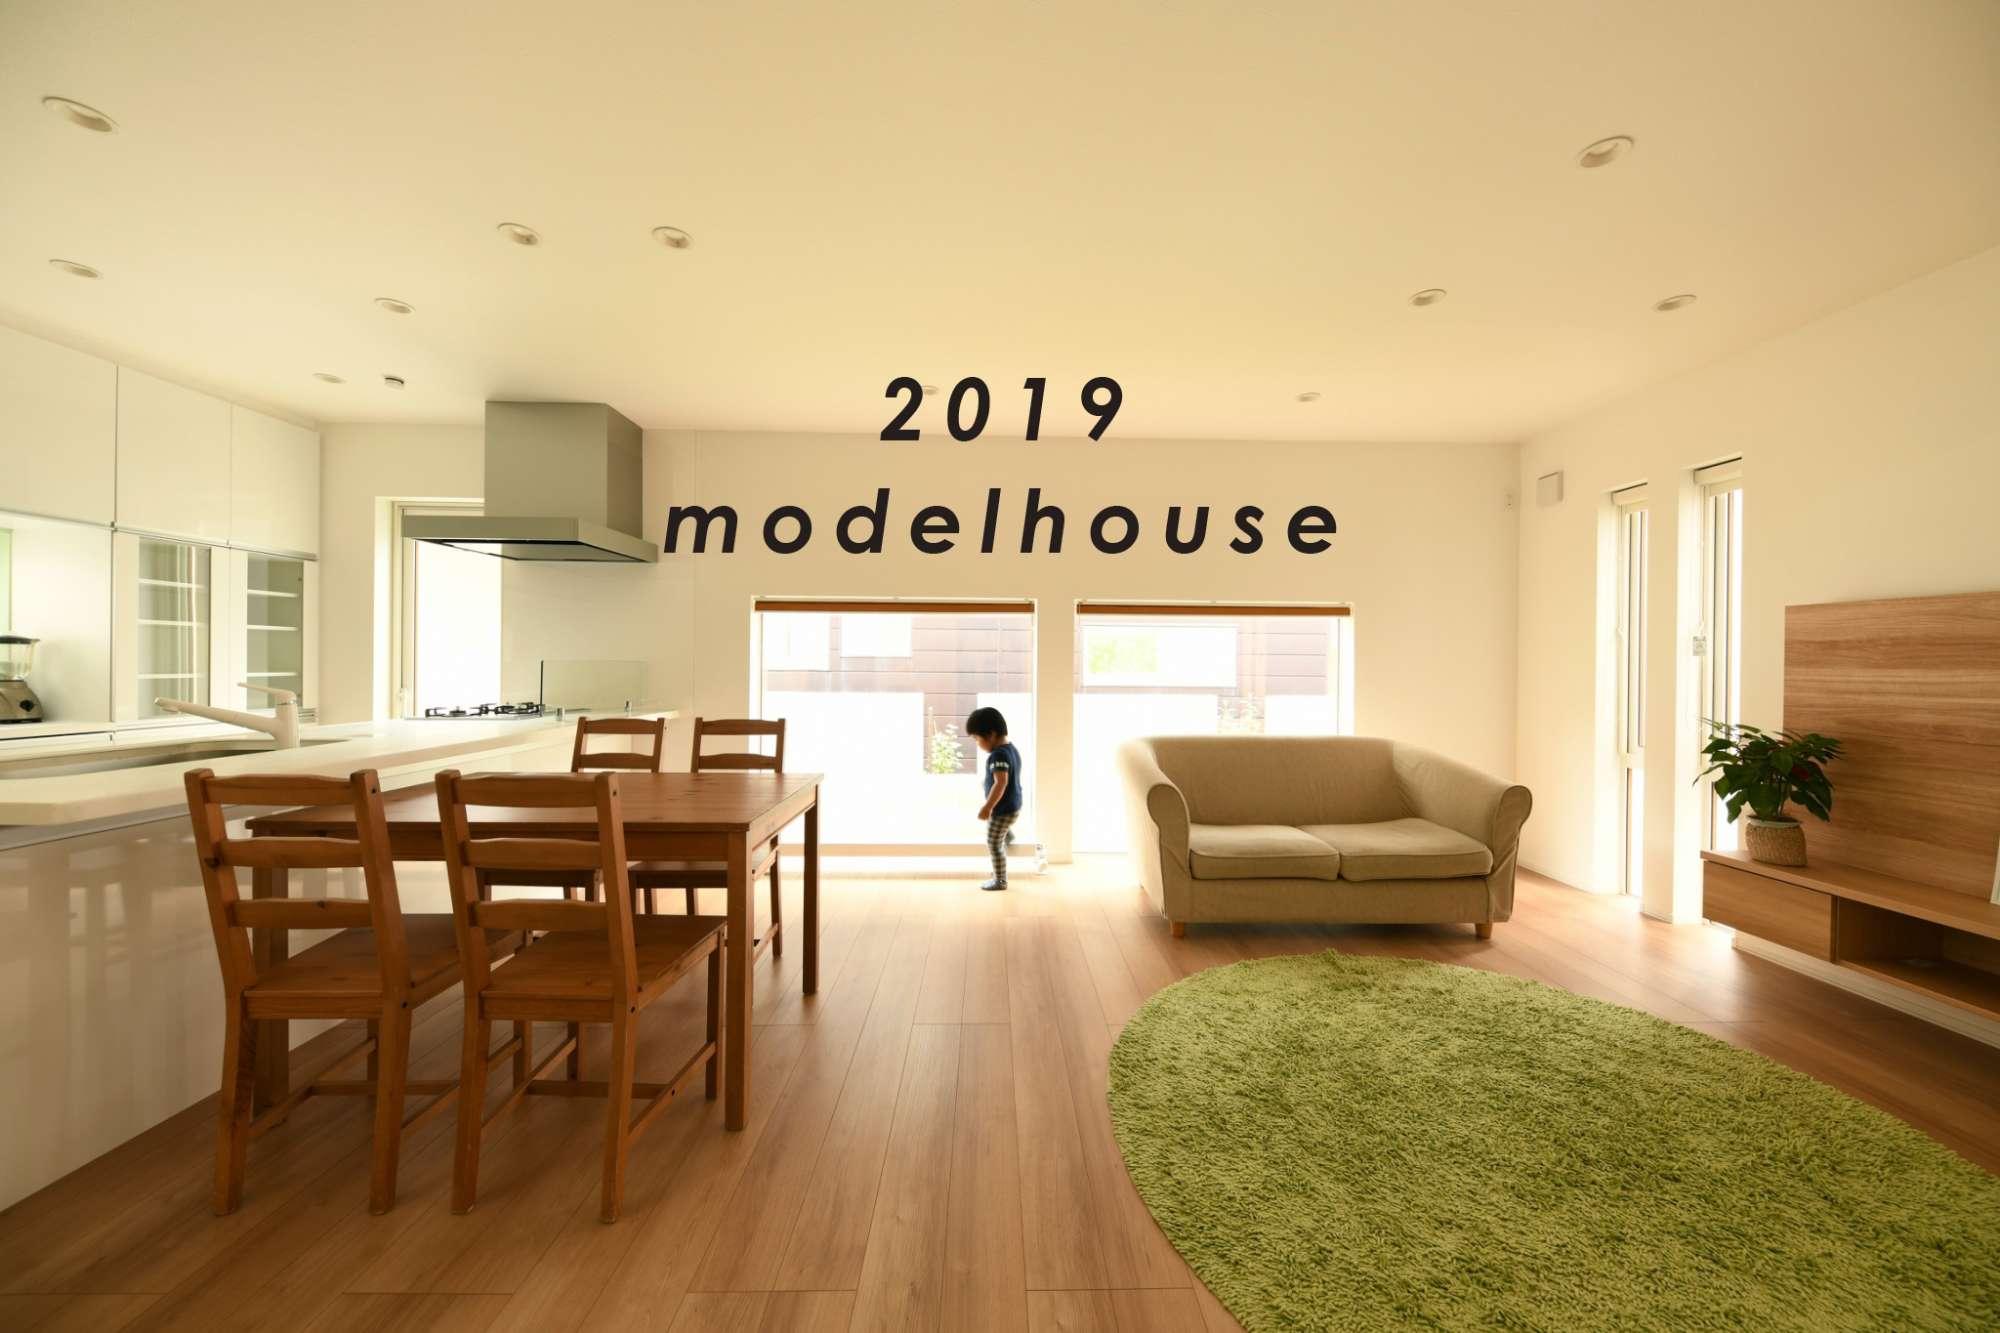 【公開終了】榎本建設2019モデルハウス -